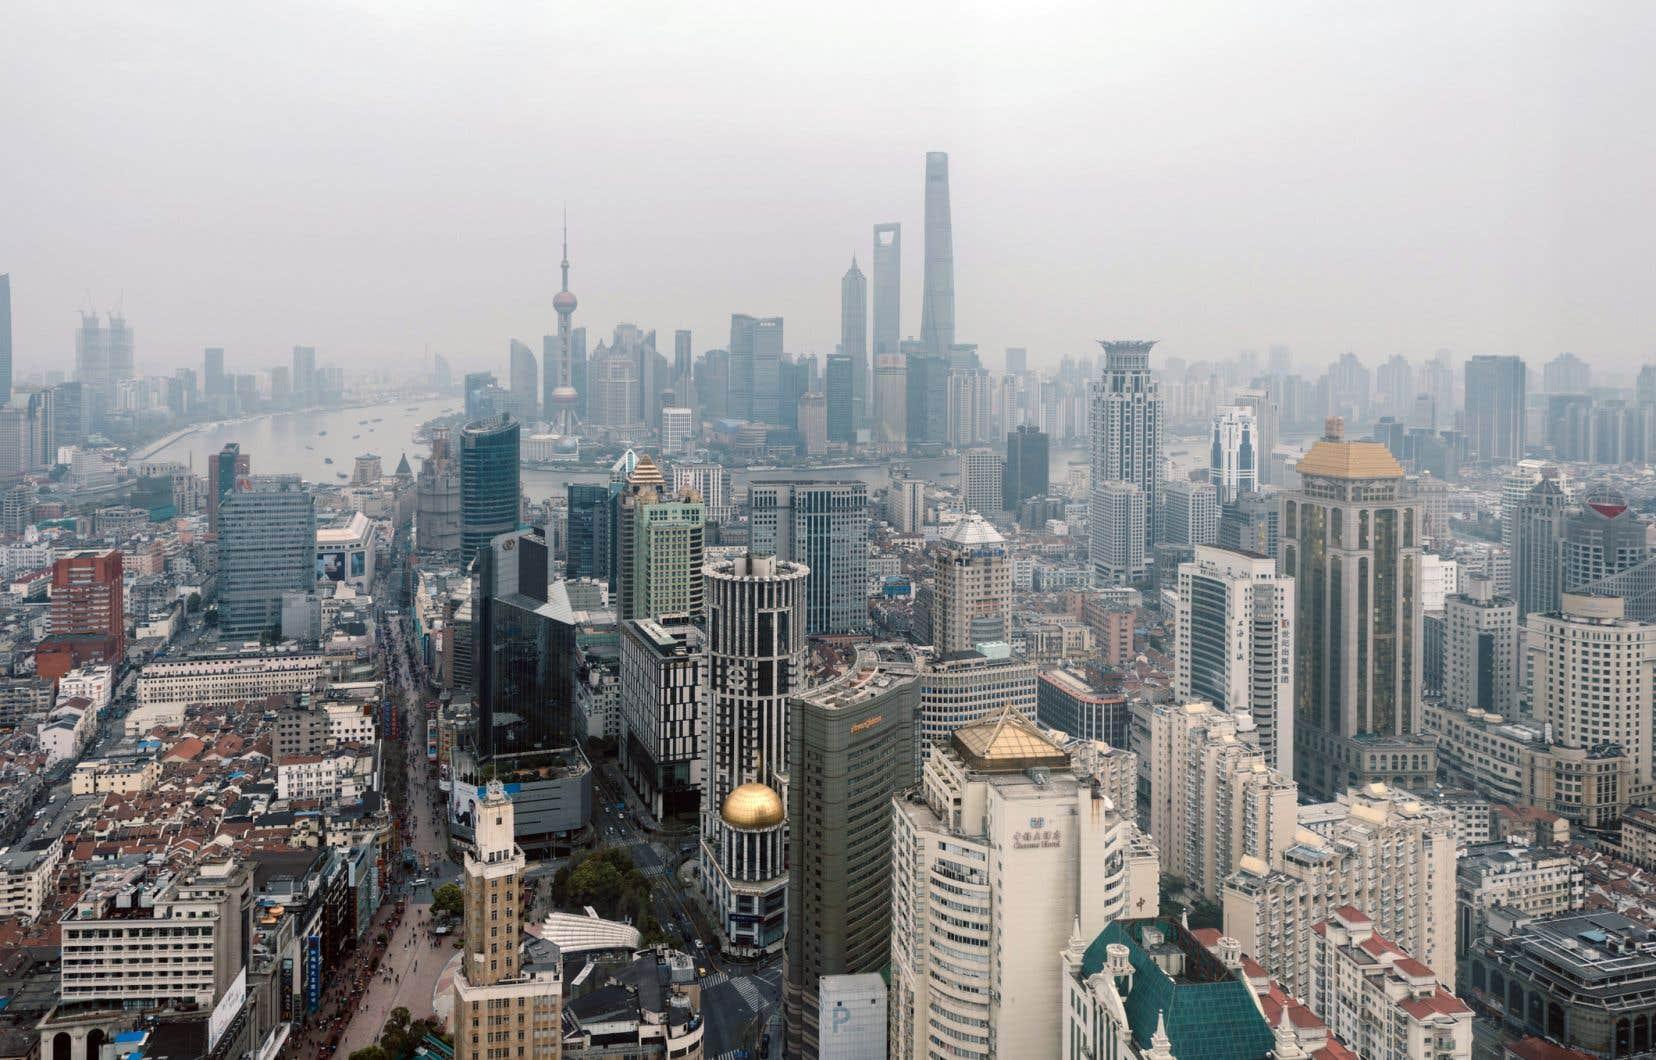 Ces difficultés mettent en lumière les inquiétudes en Chine autour de l'immobilier, un secteur capital pour la croissance de la deuxième économie mondiale.